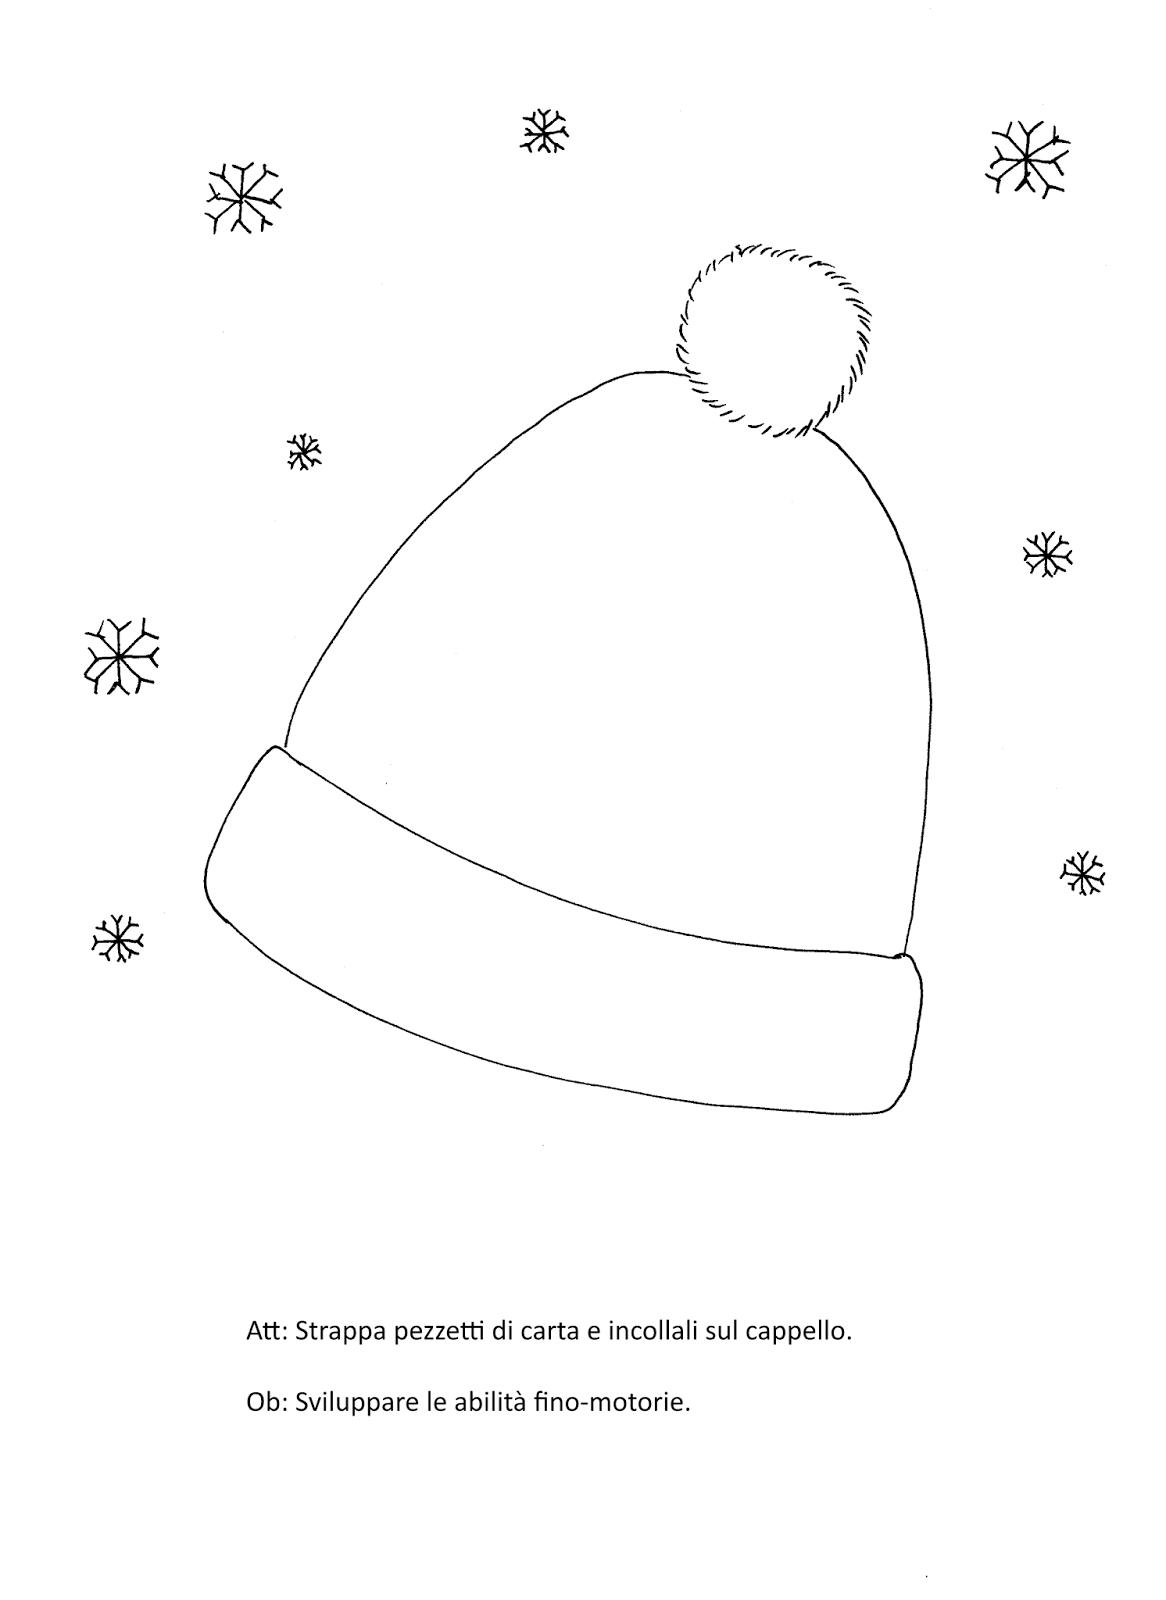 La maestra linda inverno indumenti for Schede didattiche scuola infanzia 3 anni